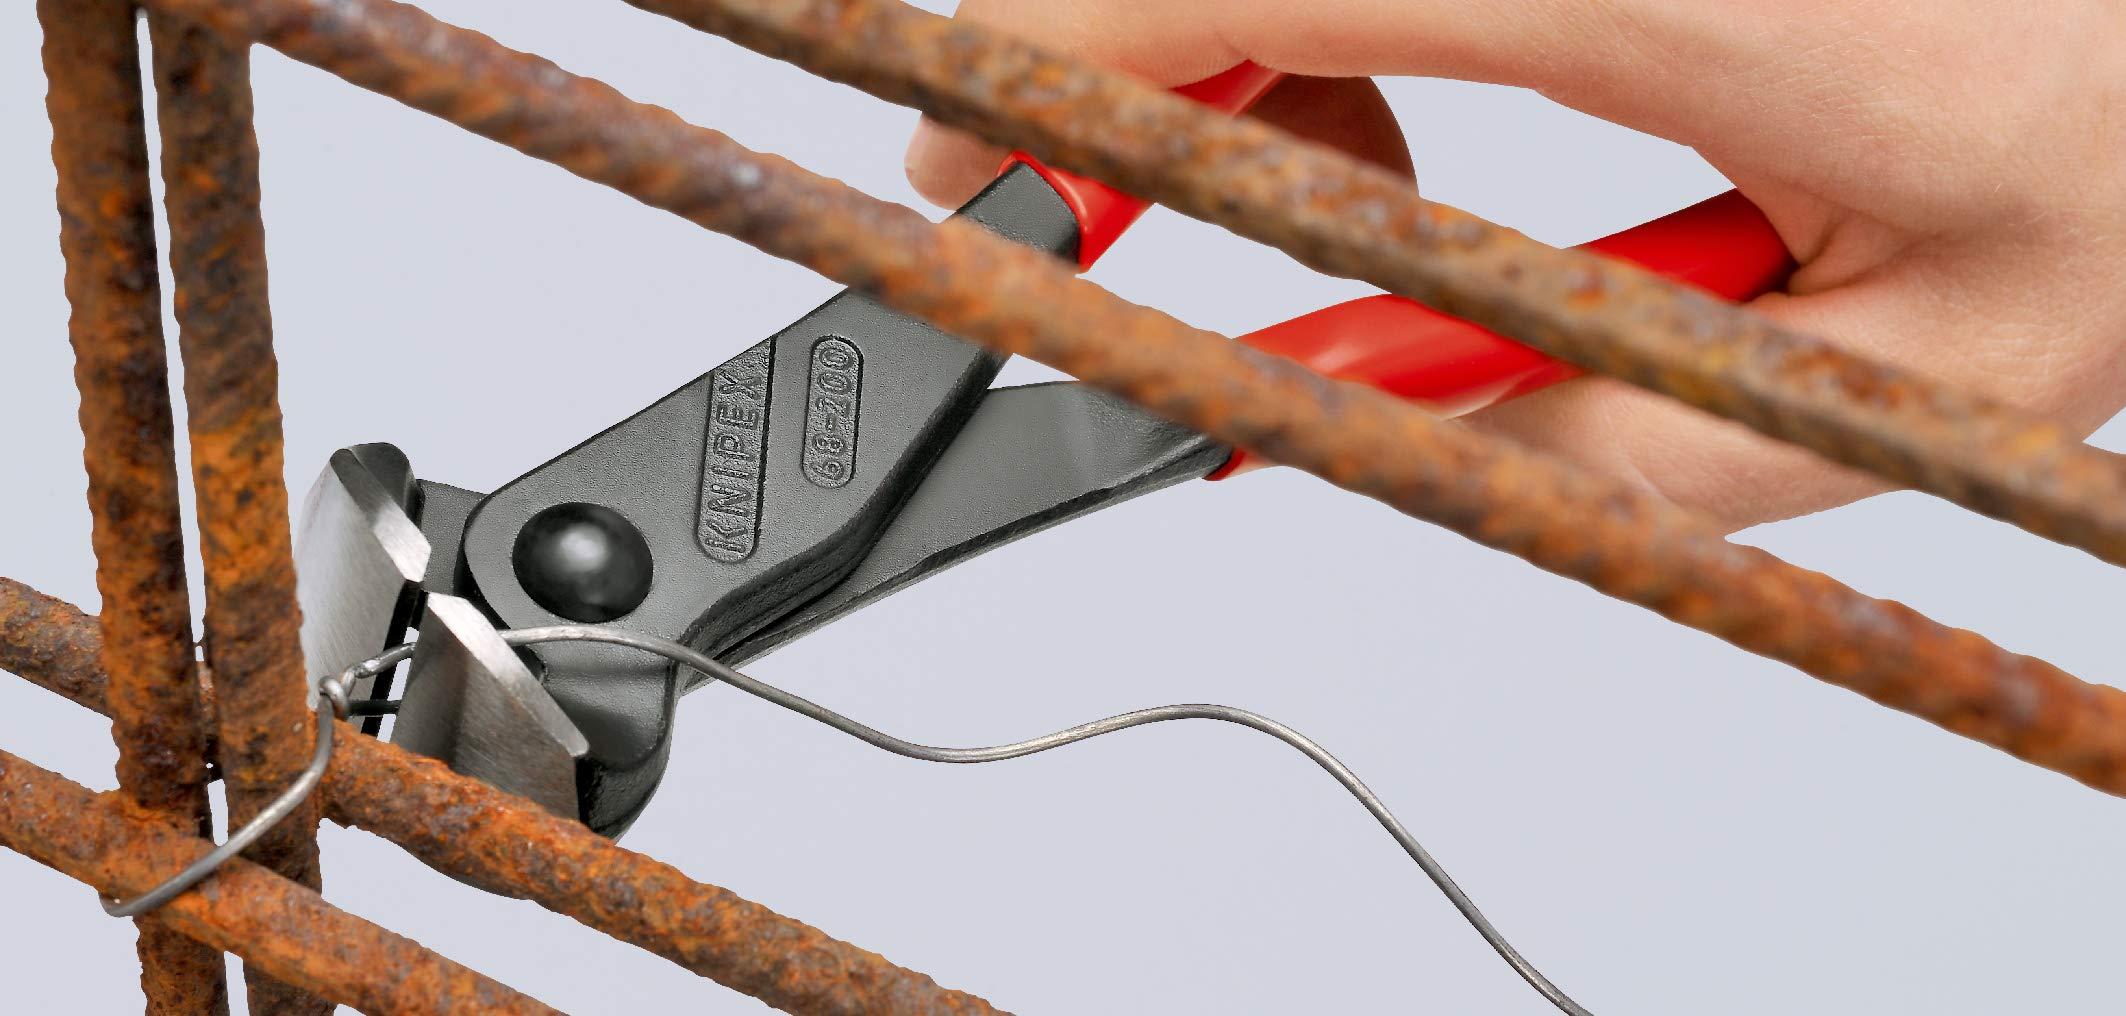 KNIPEX 68 01 180 EAN Alicate de corte frontal negro atramentado recubiertos de plástico 180 mm: Amazon.es: Bricolaje y herramientas